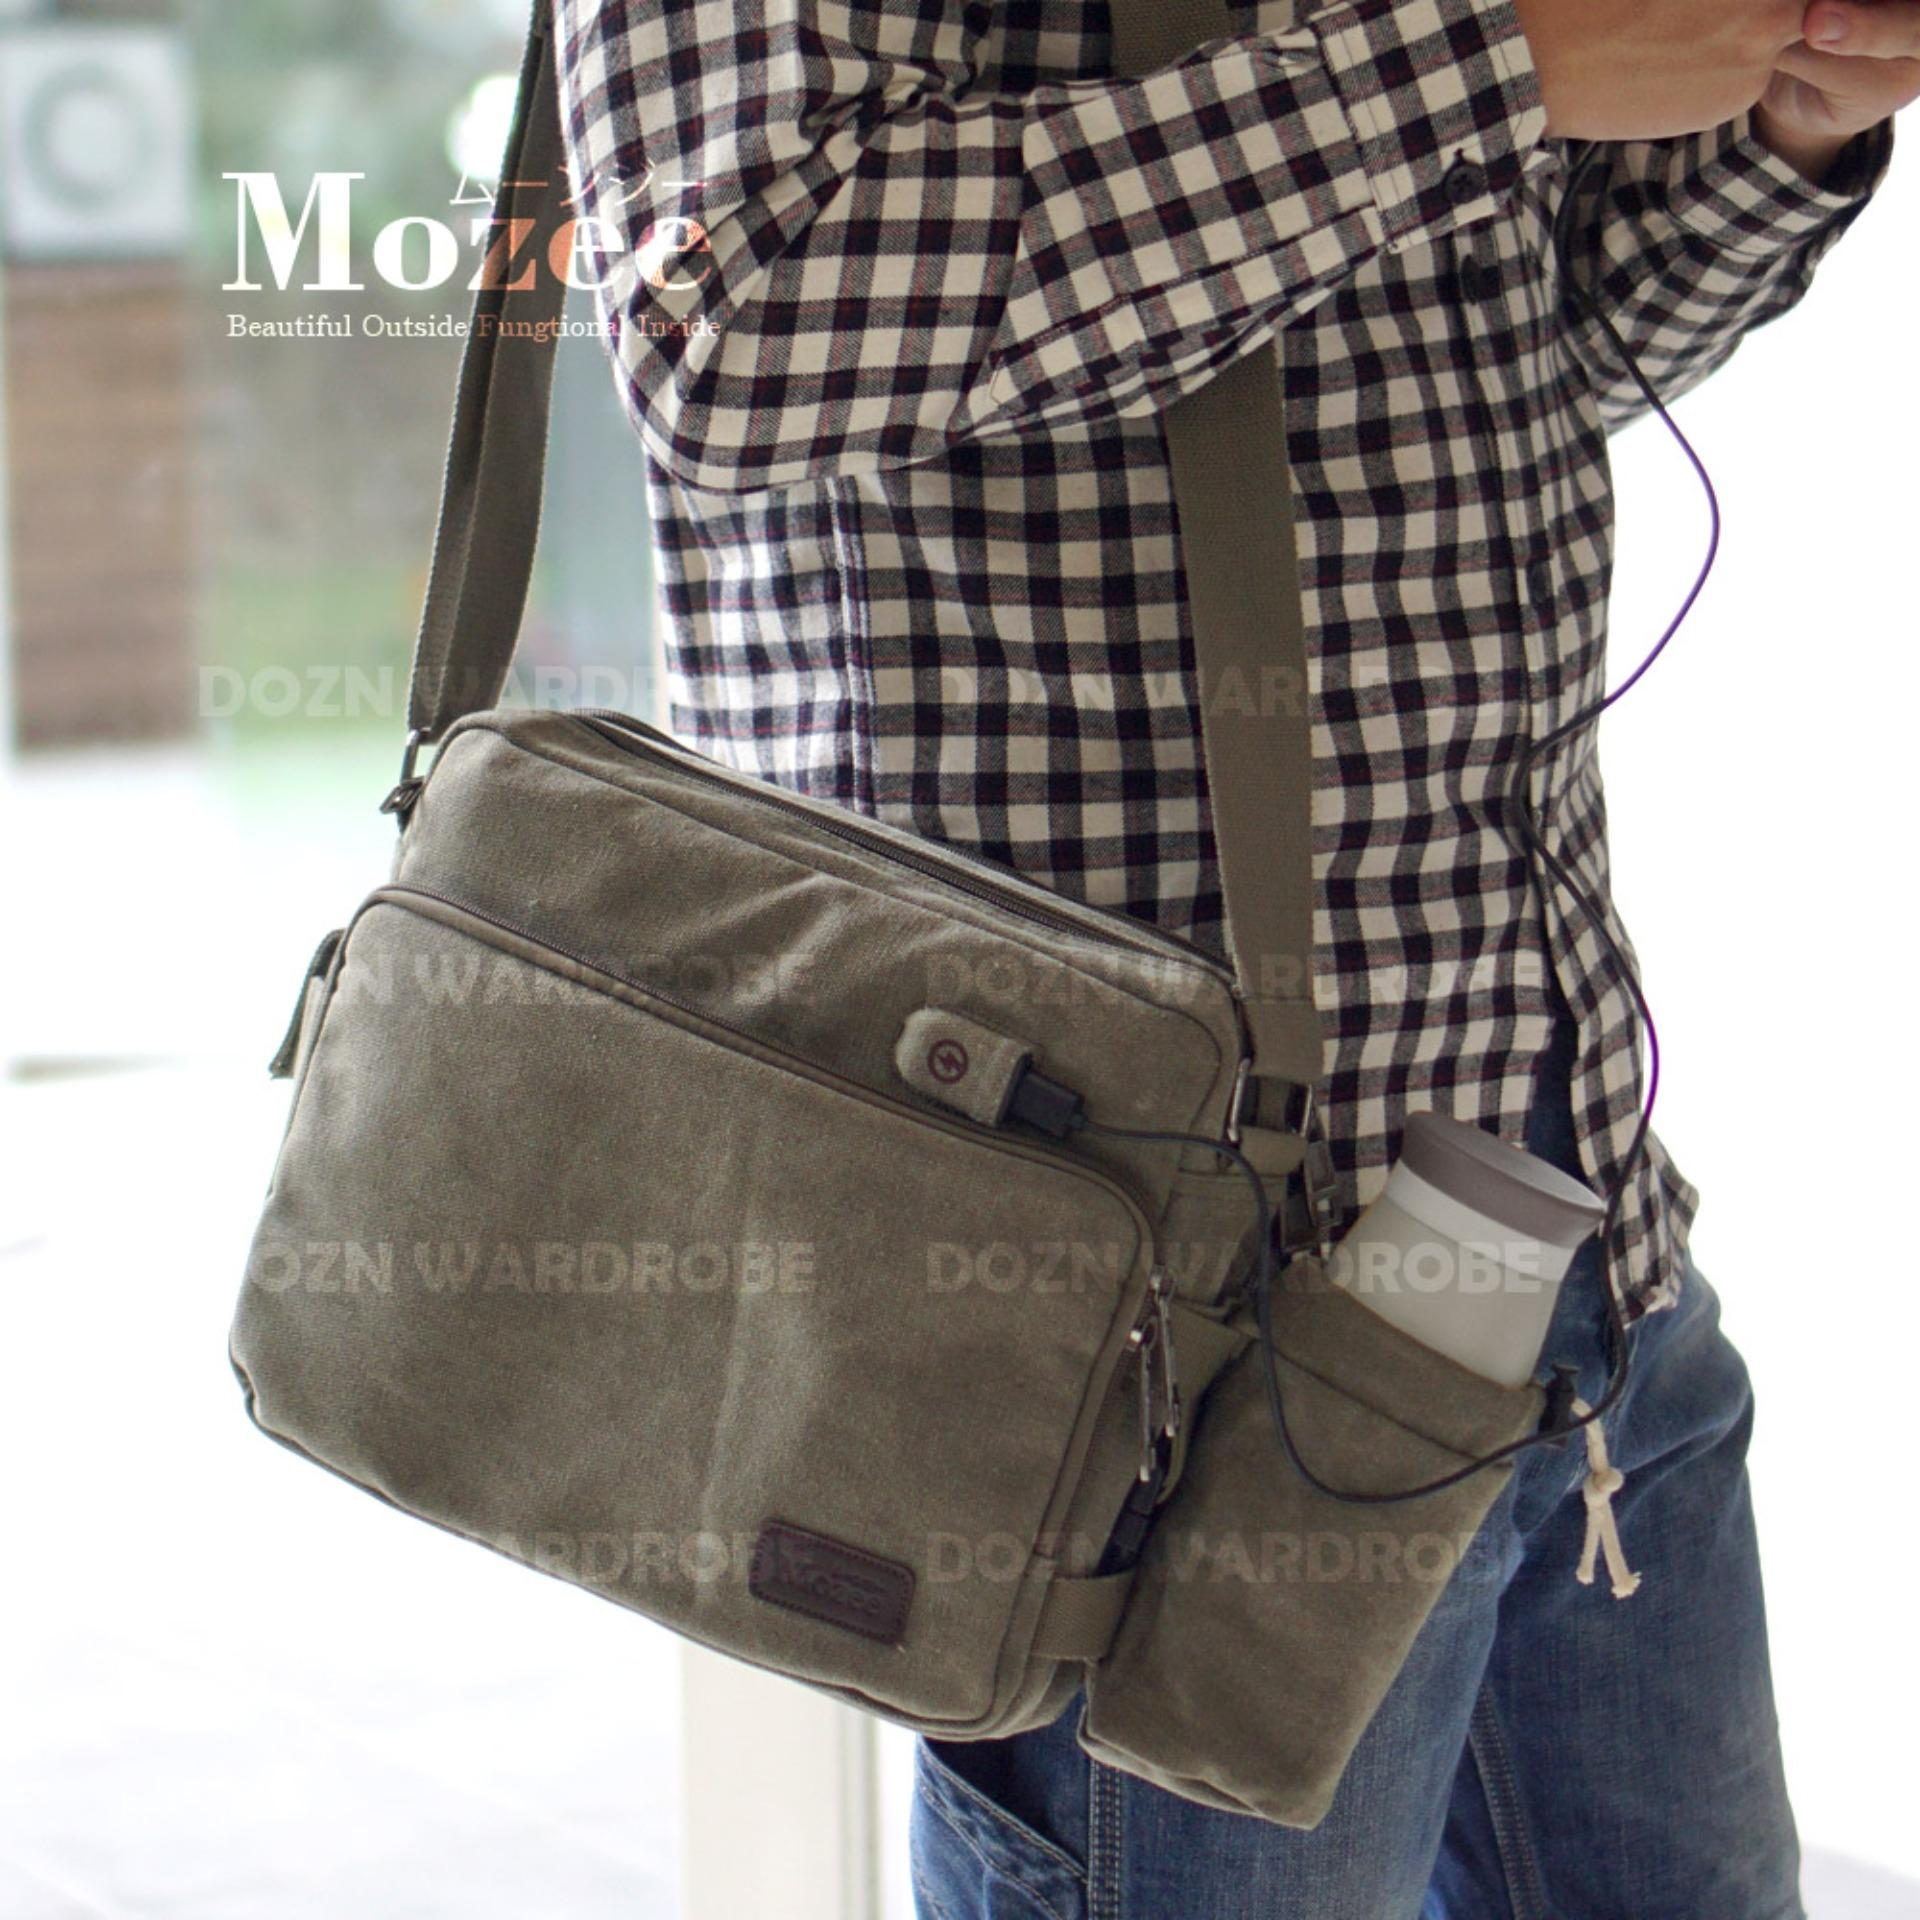 DOZN Tas Pria Men Vintage Canvas Multifunction Travel Satchel Messenger Sling Bag With USB Charge Port 1092